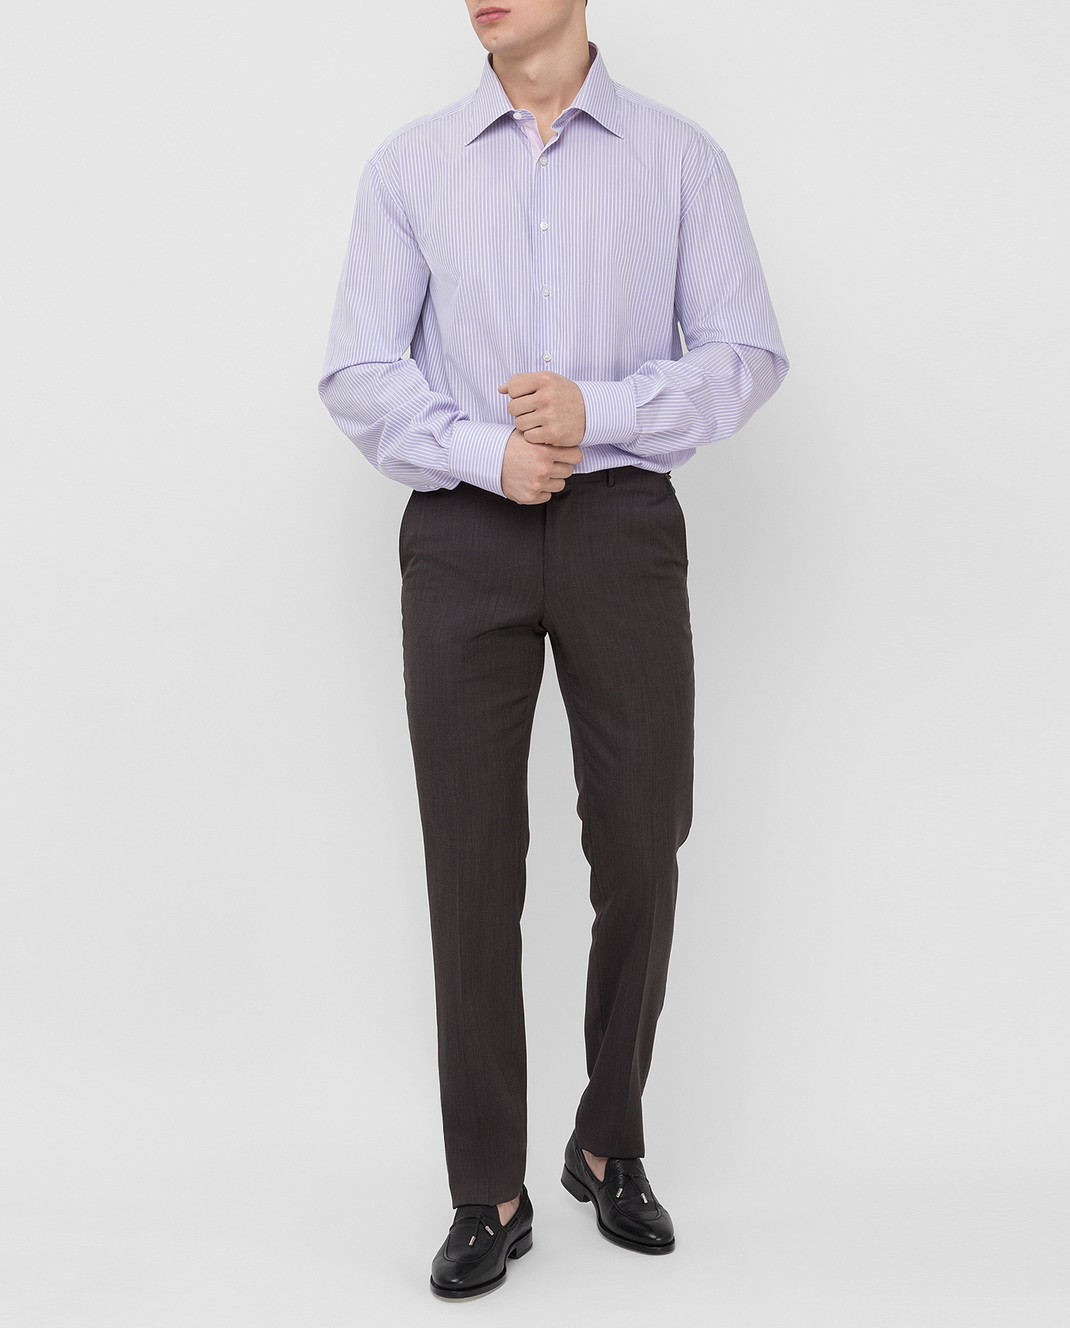 Stefano Ricci Сиреневая рубашка MC000872 изображение 2